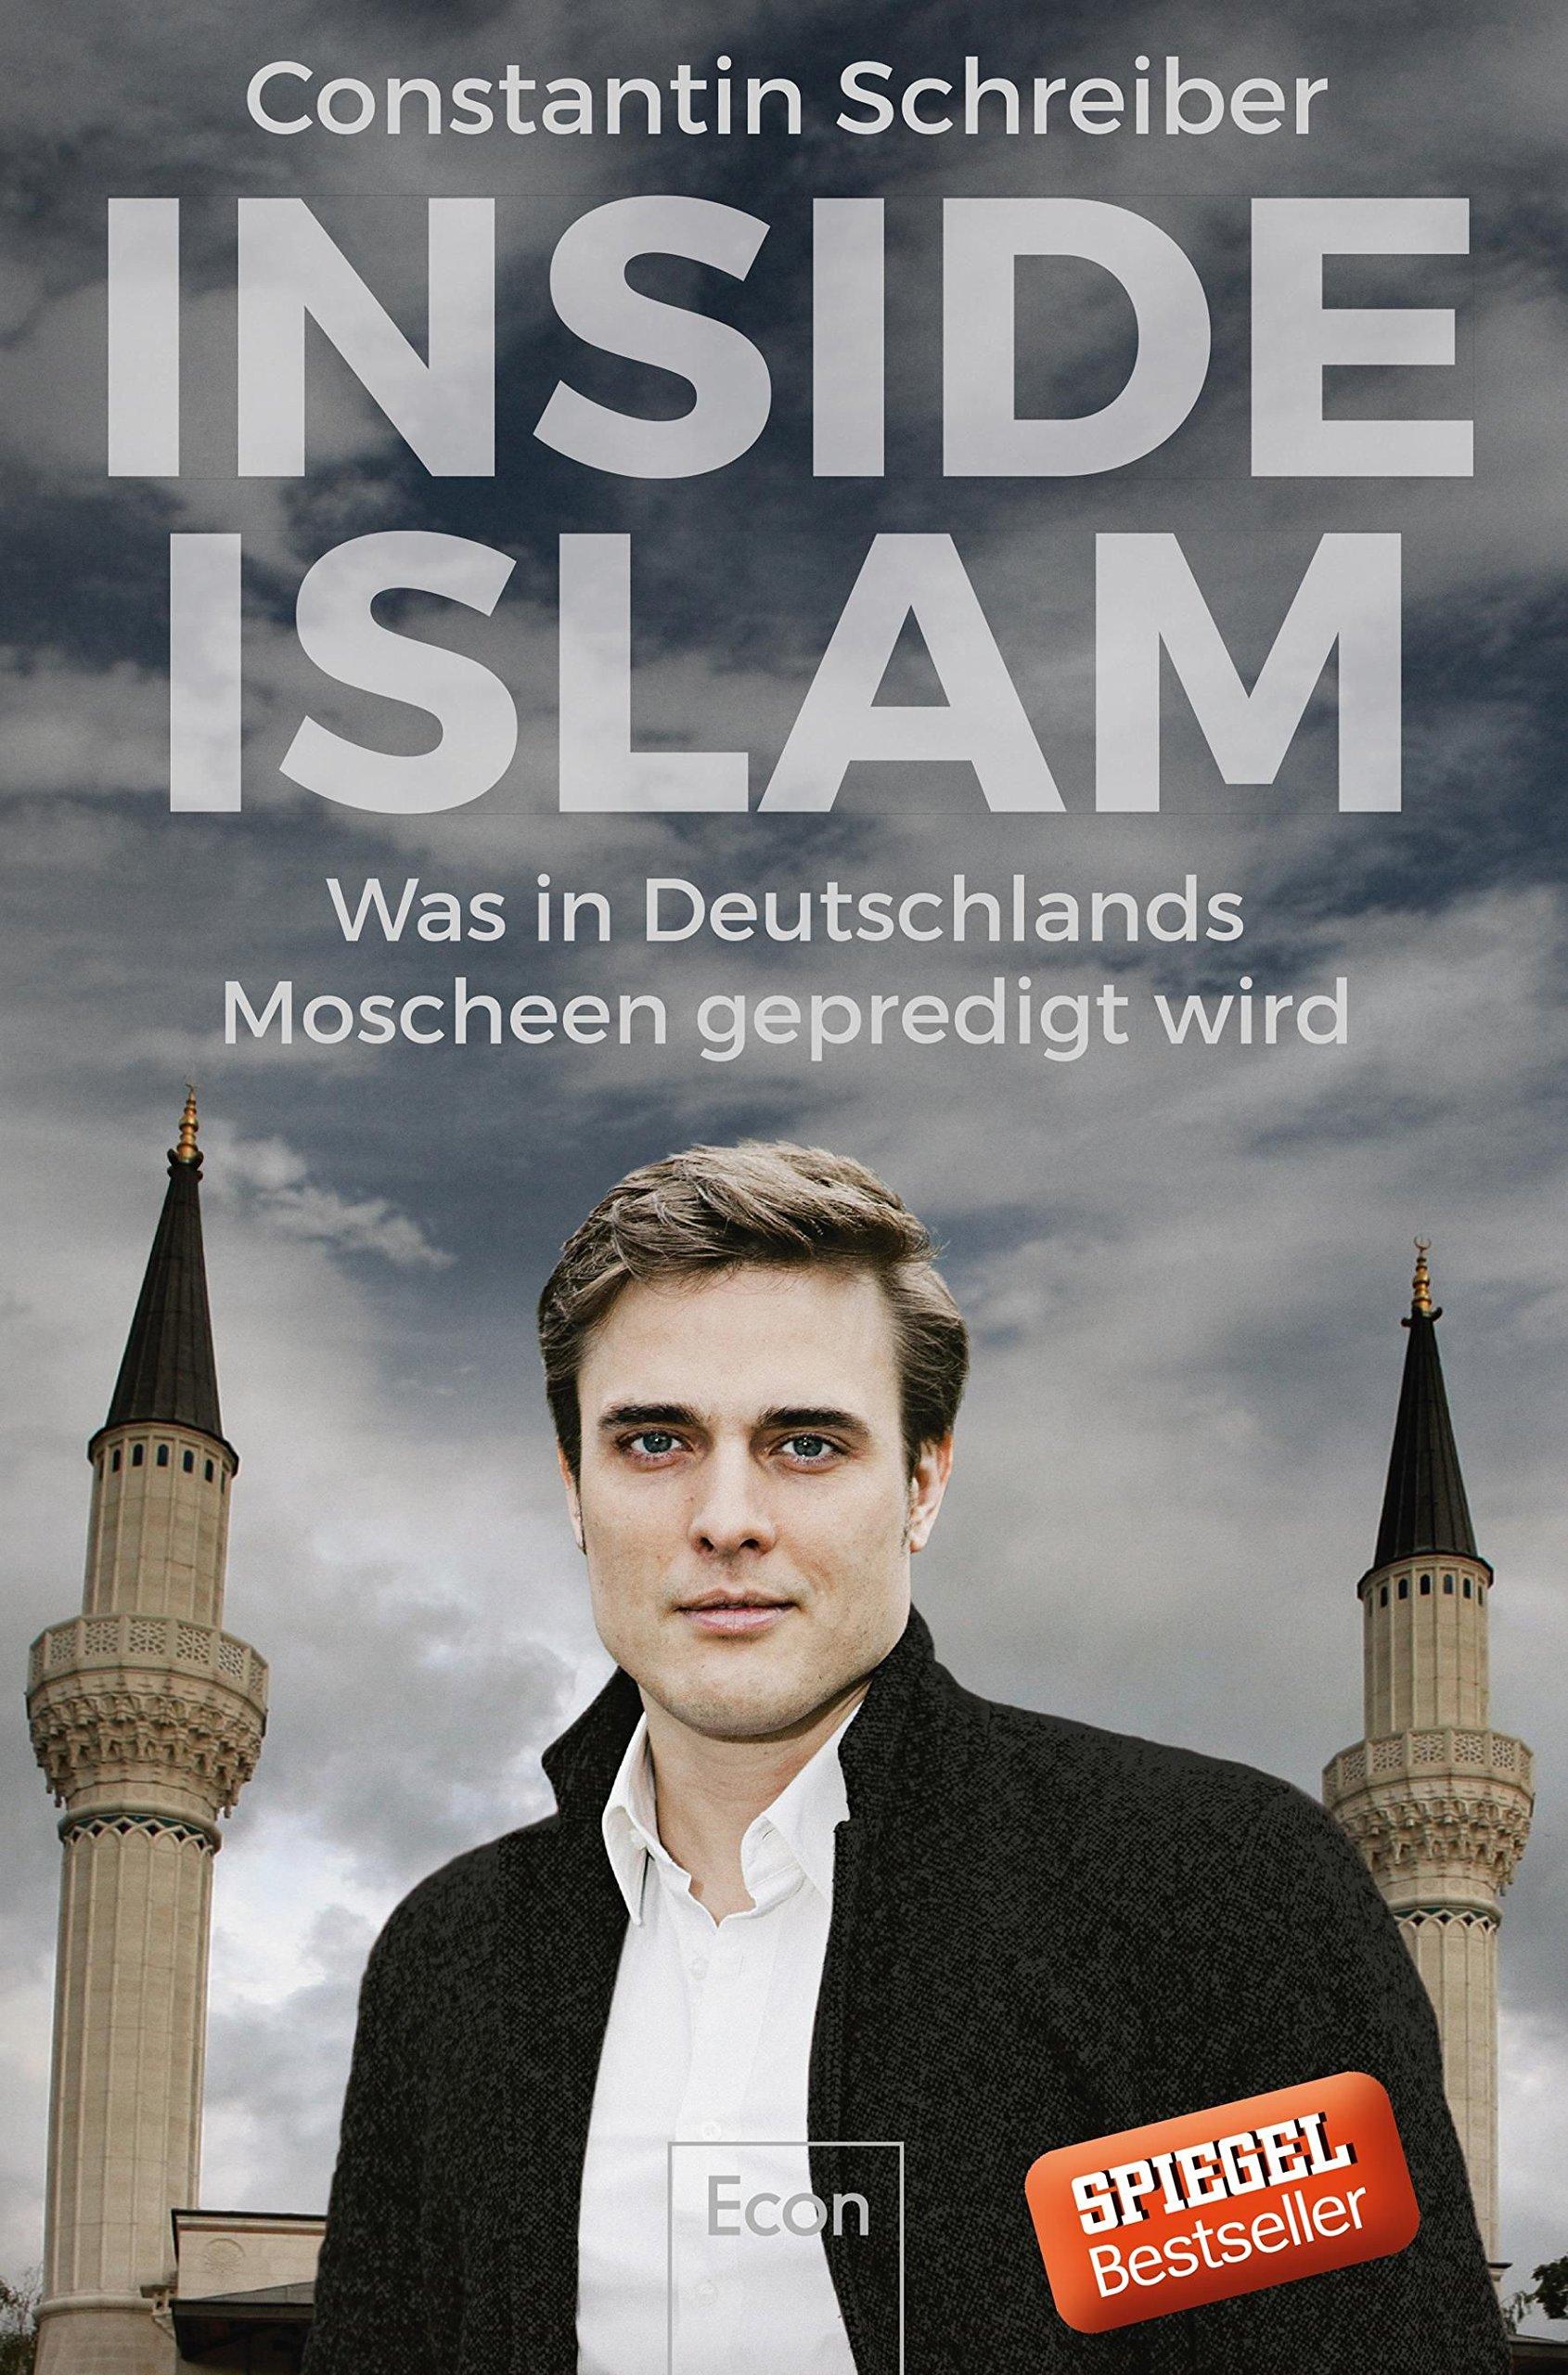 inside-islam-was-in-deutschlands-moscheen-gepredigt-wird